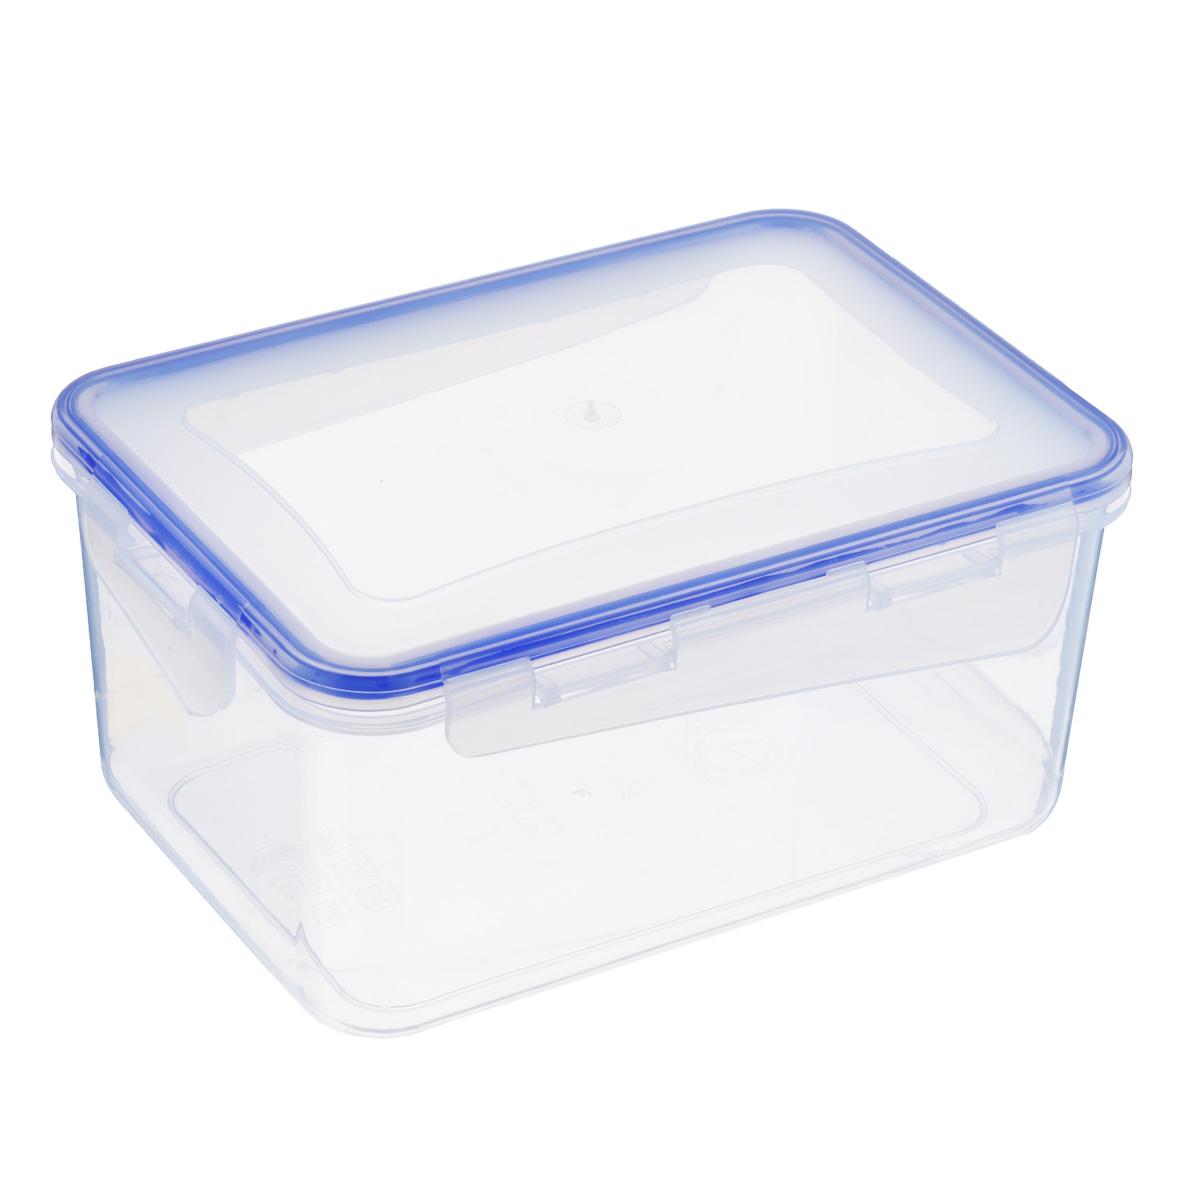 Контейнер Алеана для хранения продуктов, цвет: прозрачный,синий 2,5 л167043Контейнер Алеана выполнен из пищевого пластика. Он предназначен для хранения продуктов в холодильнике и для разогревания пищи в микроволновой печи. При разогревании пищи в микроволновой печи необходимо открыть крышку контейнера. Рекомендовано использовать при t от -20° до +100° Контейнер снабжен эргономичной плотно закрывающейся крышкой со специальными боковыми фиксаторами. С контейнером Алеана ваши продукты сохранятся идеально!